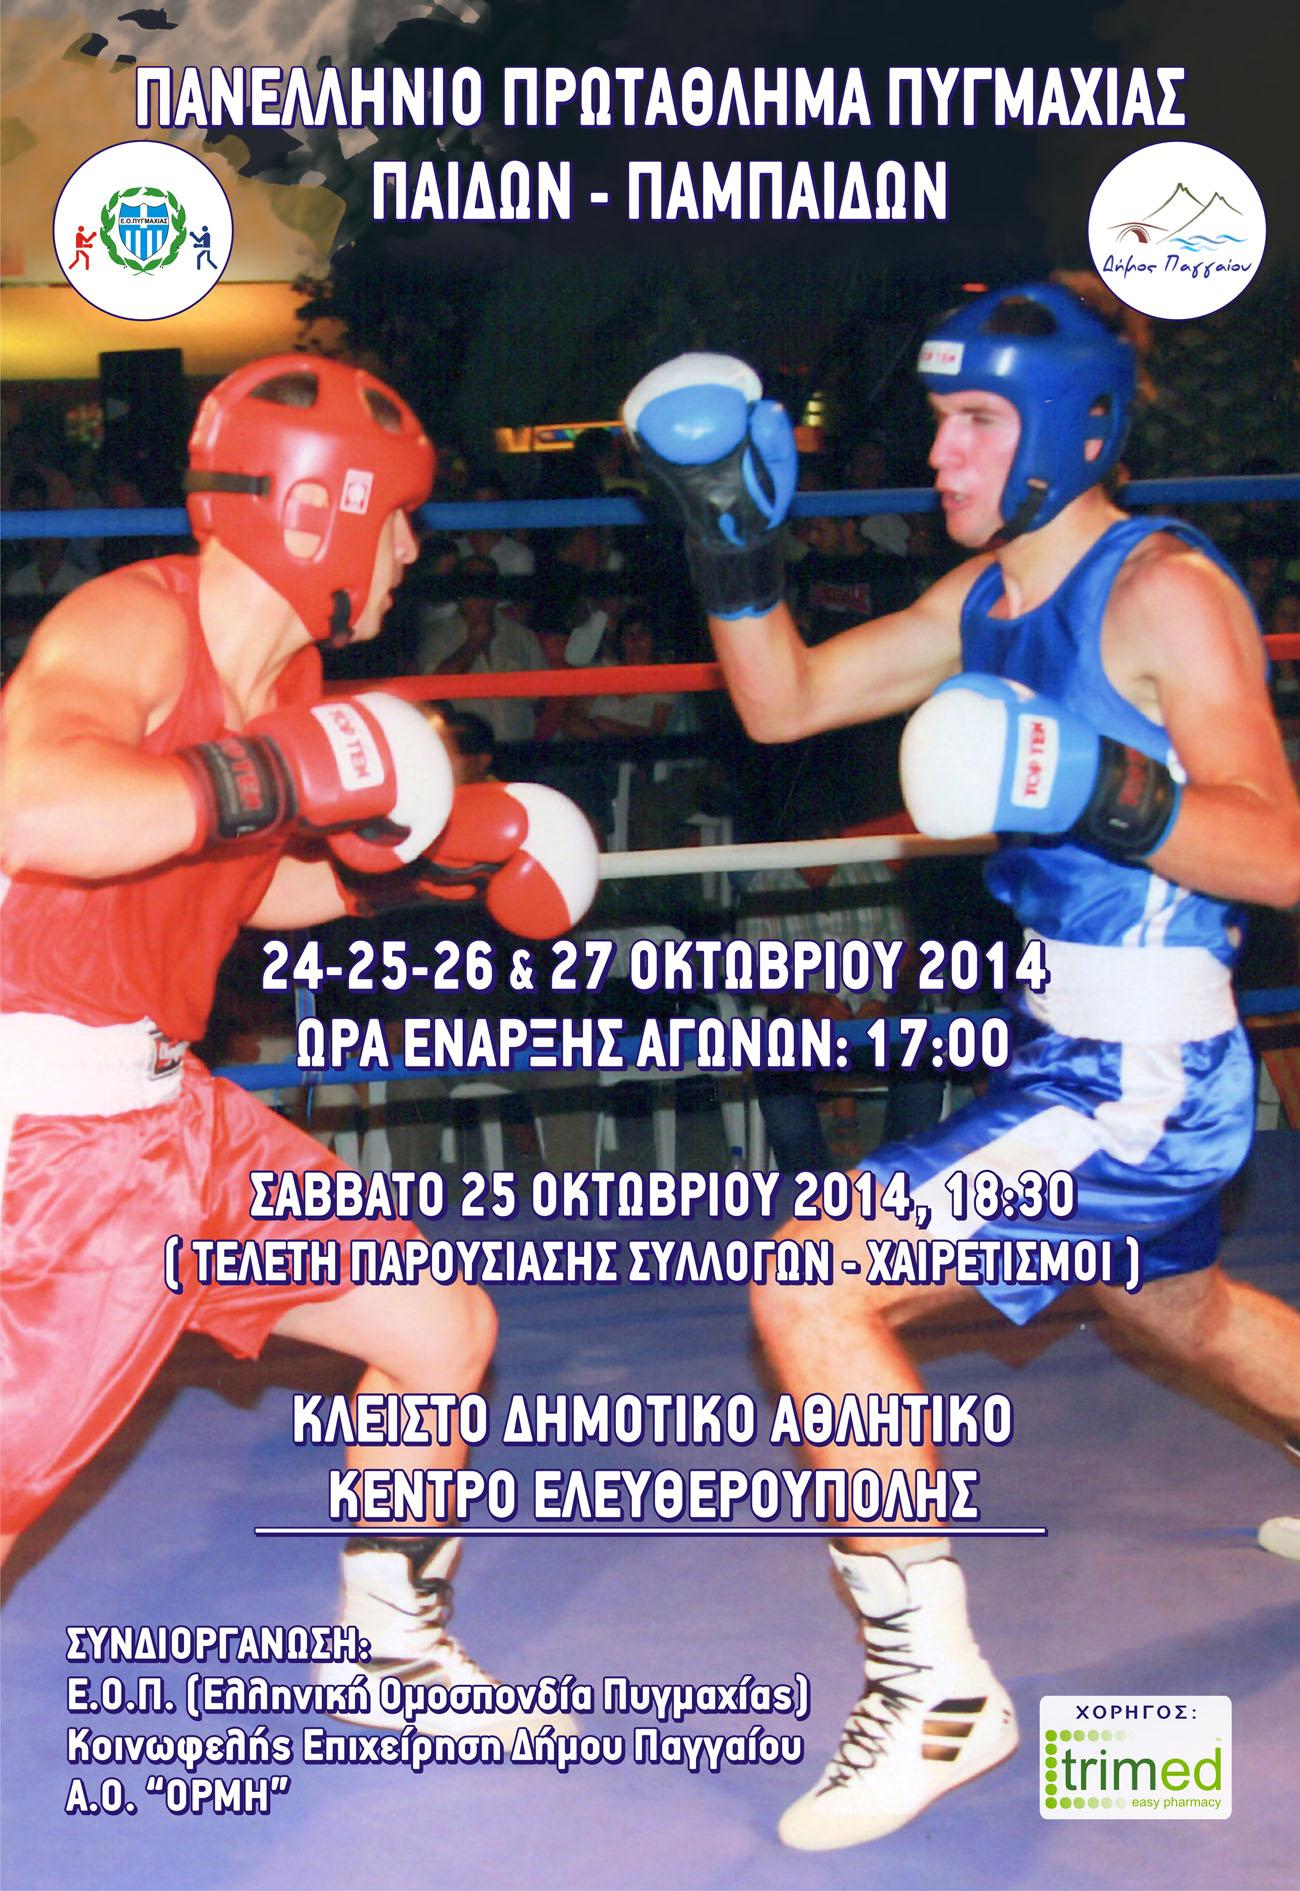 Πανελλήνιο Πρωτάθλημα πυγμαχίας παίδων-παμπαίδων: Στην τελική ευθεία βρίσκονται οι προετοιμασίες των αγώνων που θα γίνουν στην Ελευθερούπολη (24-27/10)